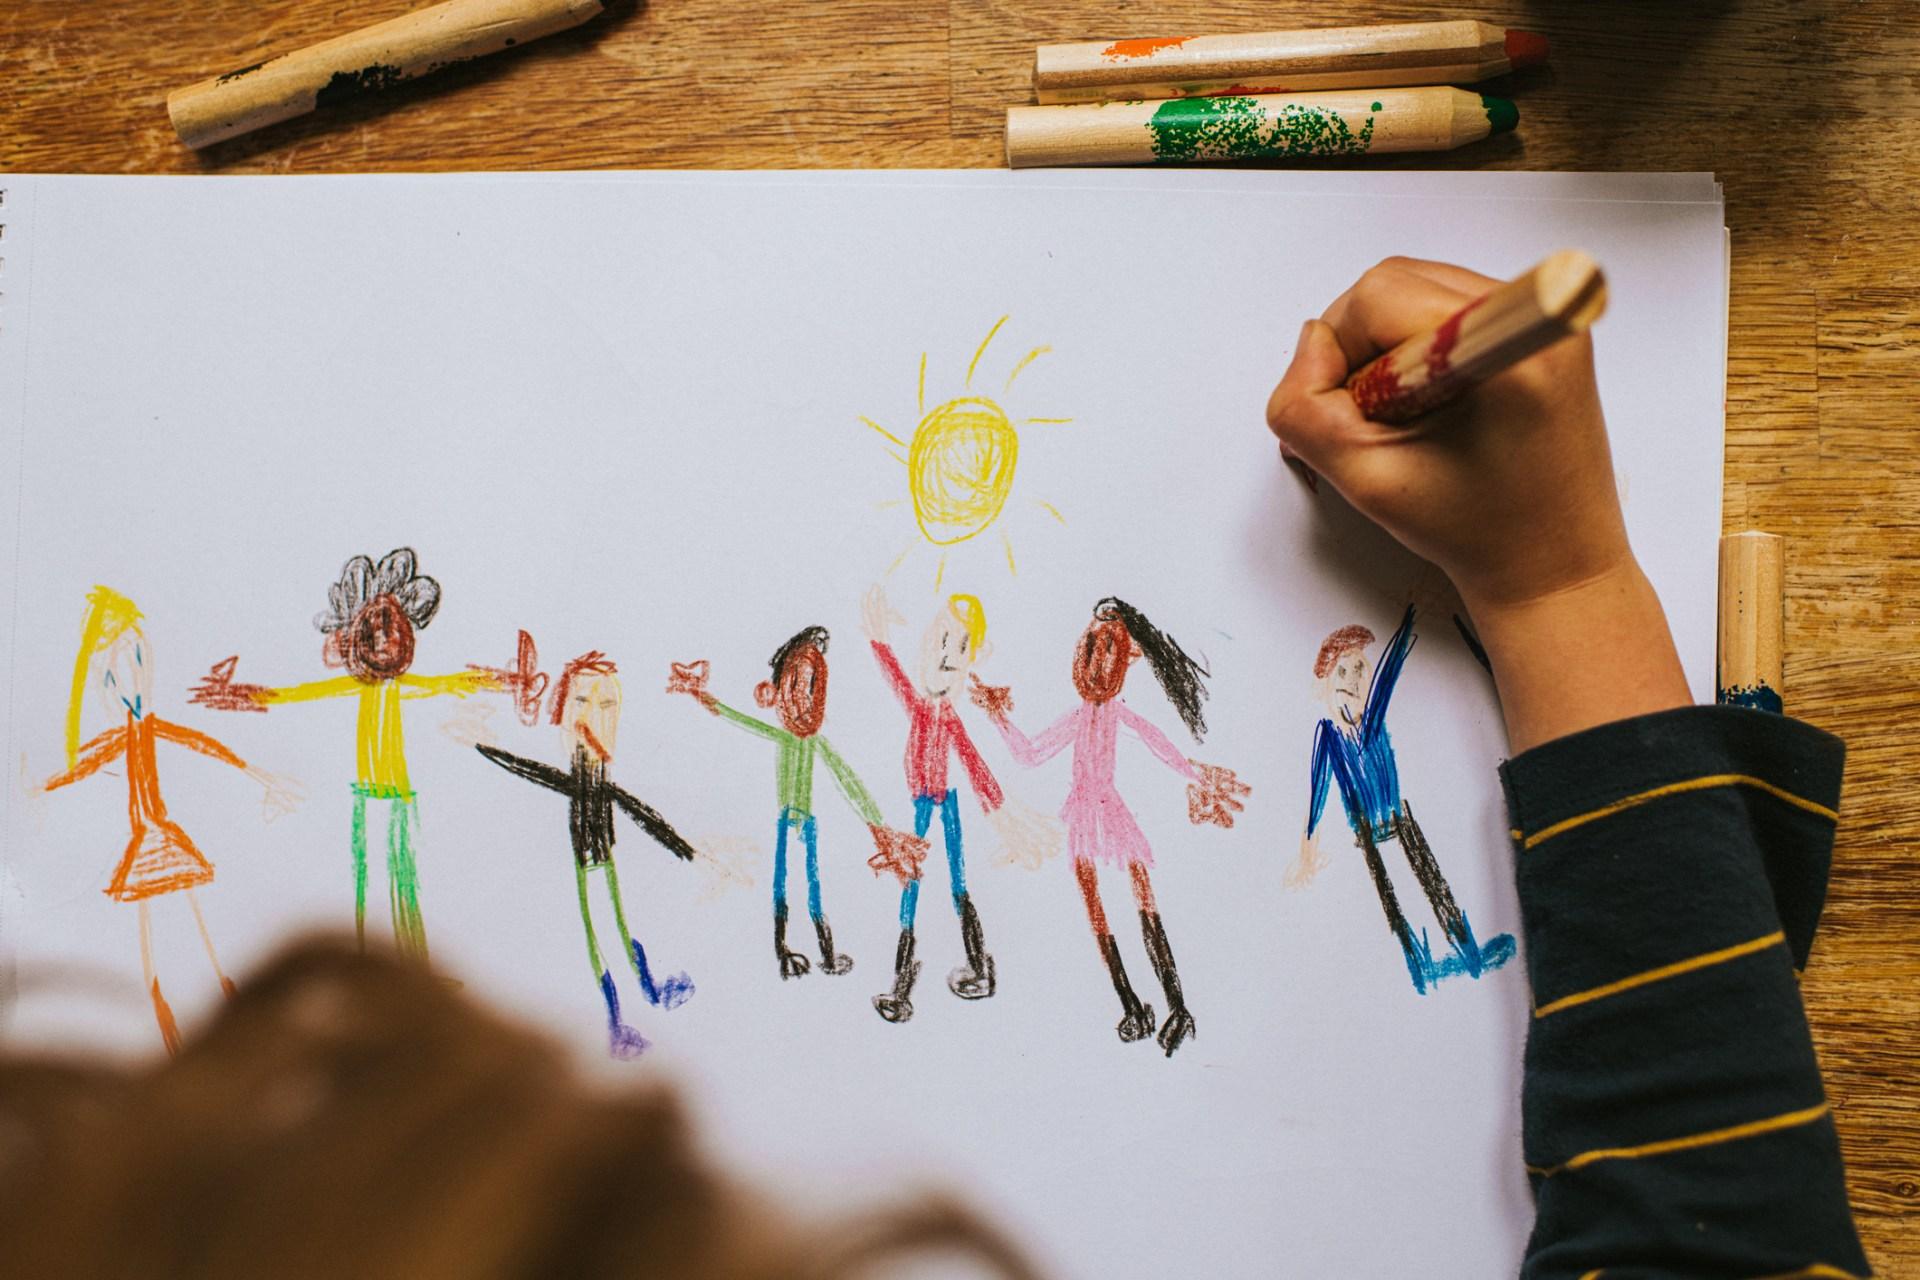 Programas imperdíveis para entreter as crianças dentro de casa